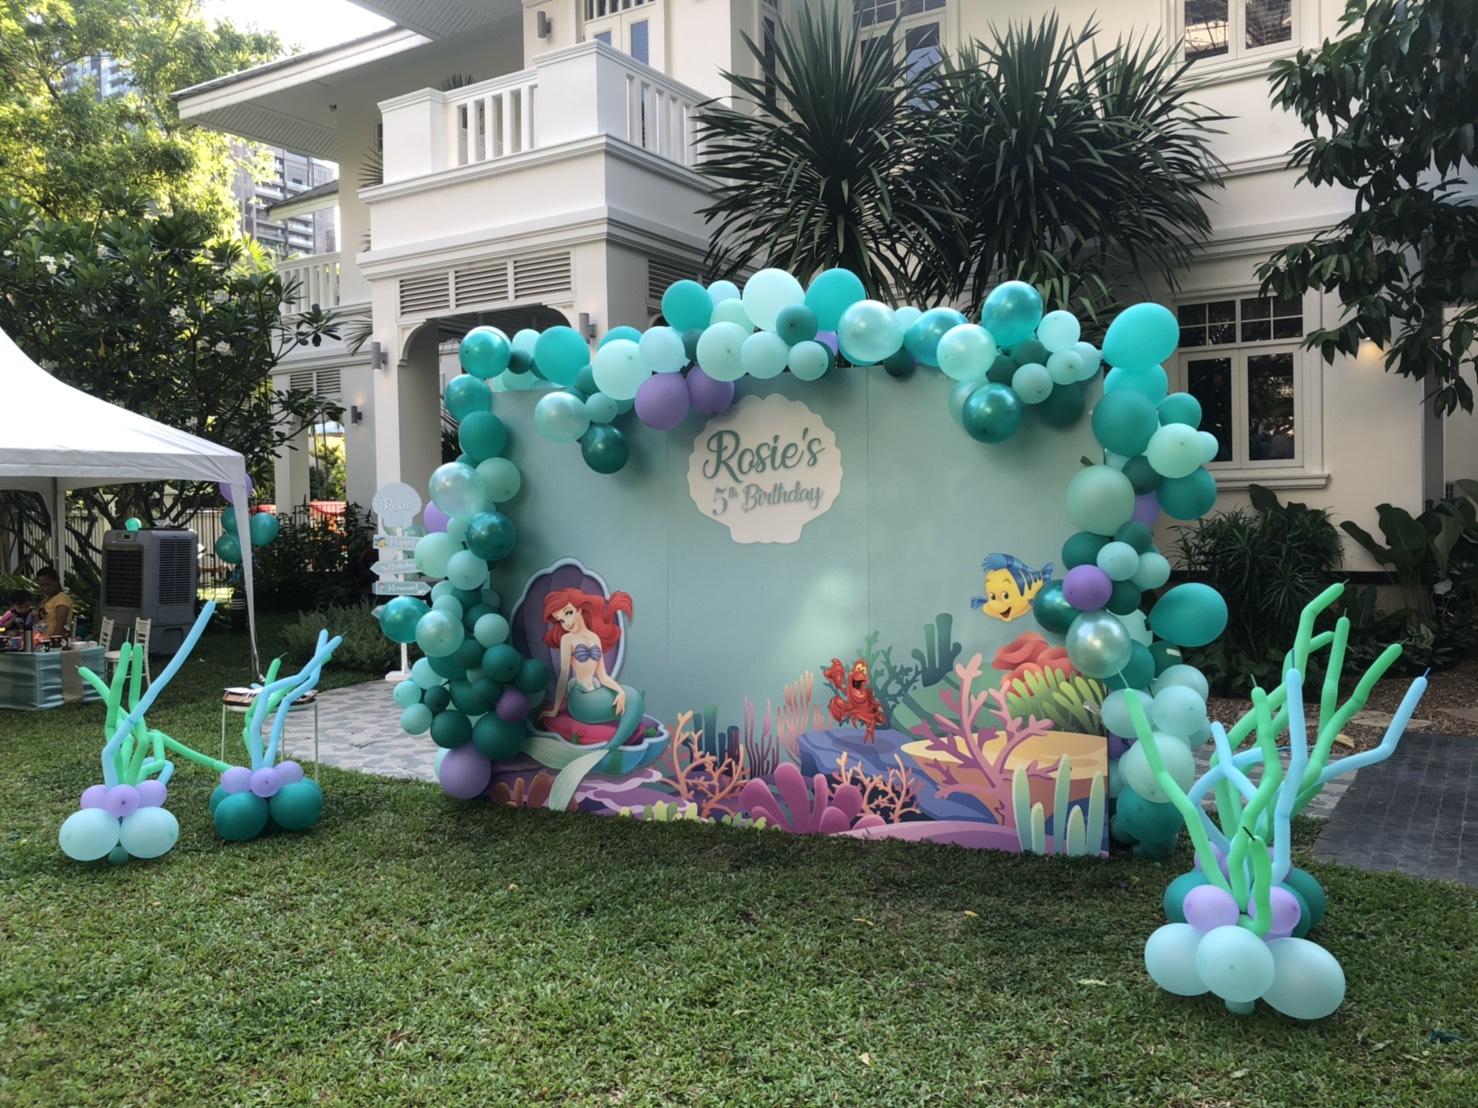 เซอไพรส์ลูกรักของคุณด้วยปาร์ตี้วันเกิดสุดพิเศษในธีม เมอร์เมด ให้เด็กๆ รู้สึกเหมือนอยู่ในโลกใต้ท้องทะเล มีทั้งแบคดรอป จัดลูกโป่ง บ้านลม บ่อบอล และอื่นๆ ตามคุณต้องการ